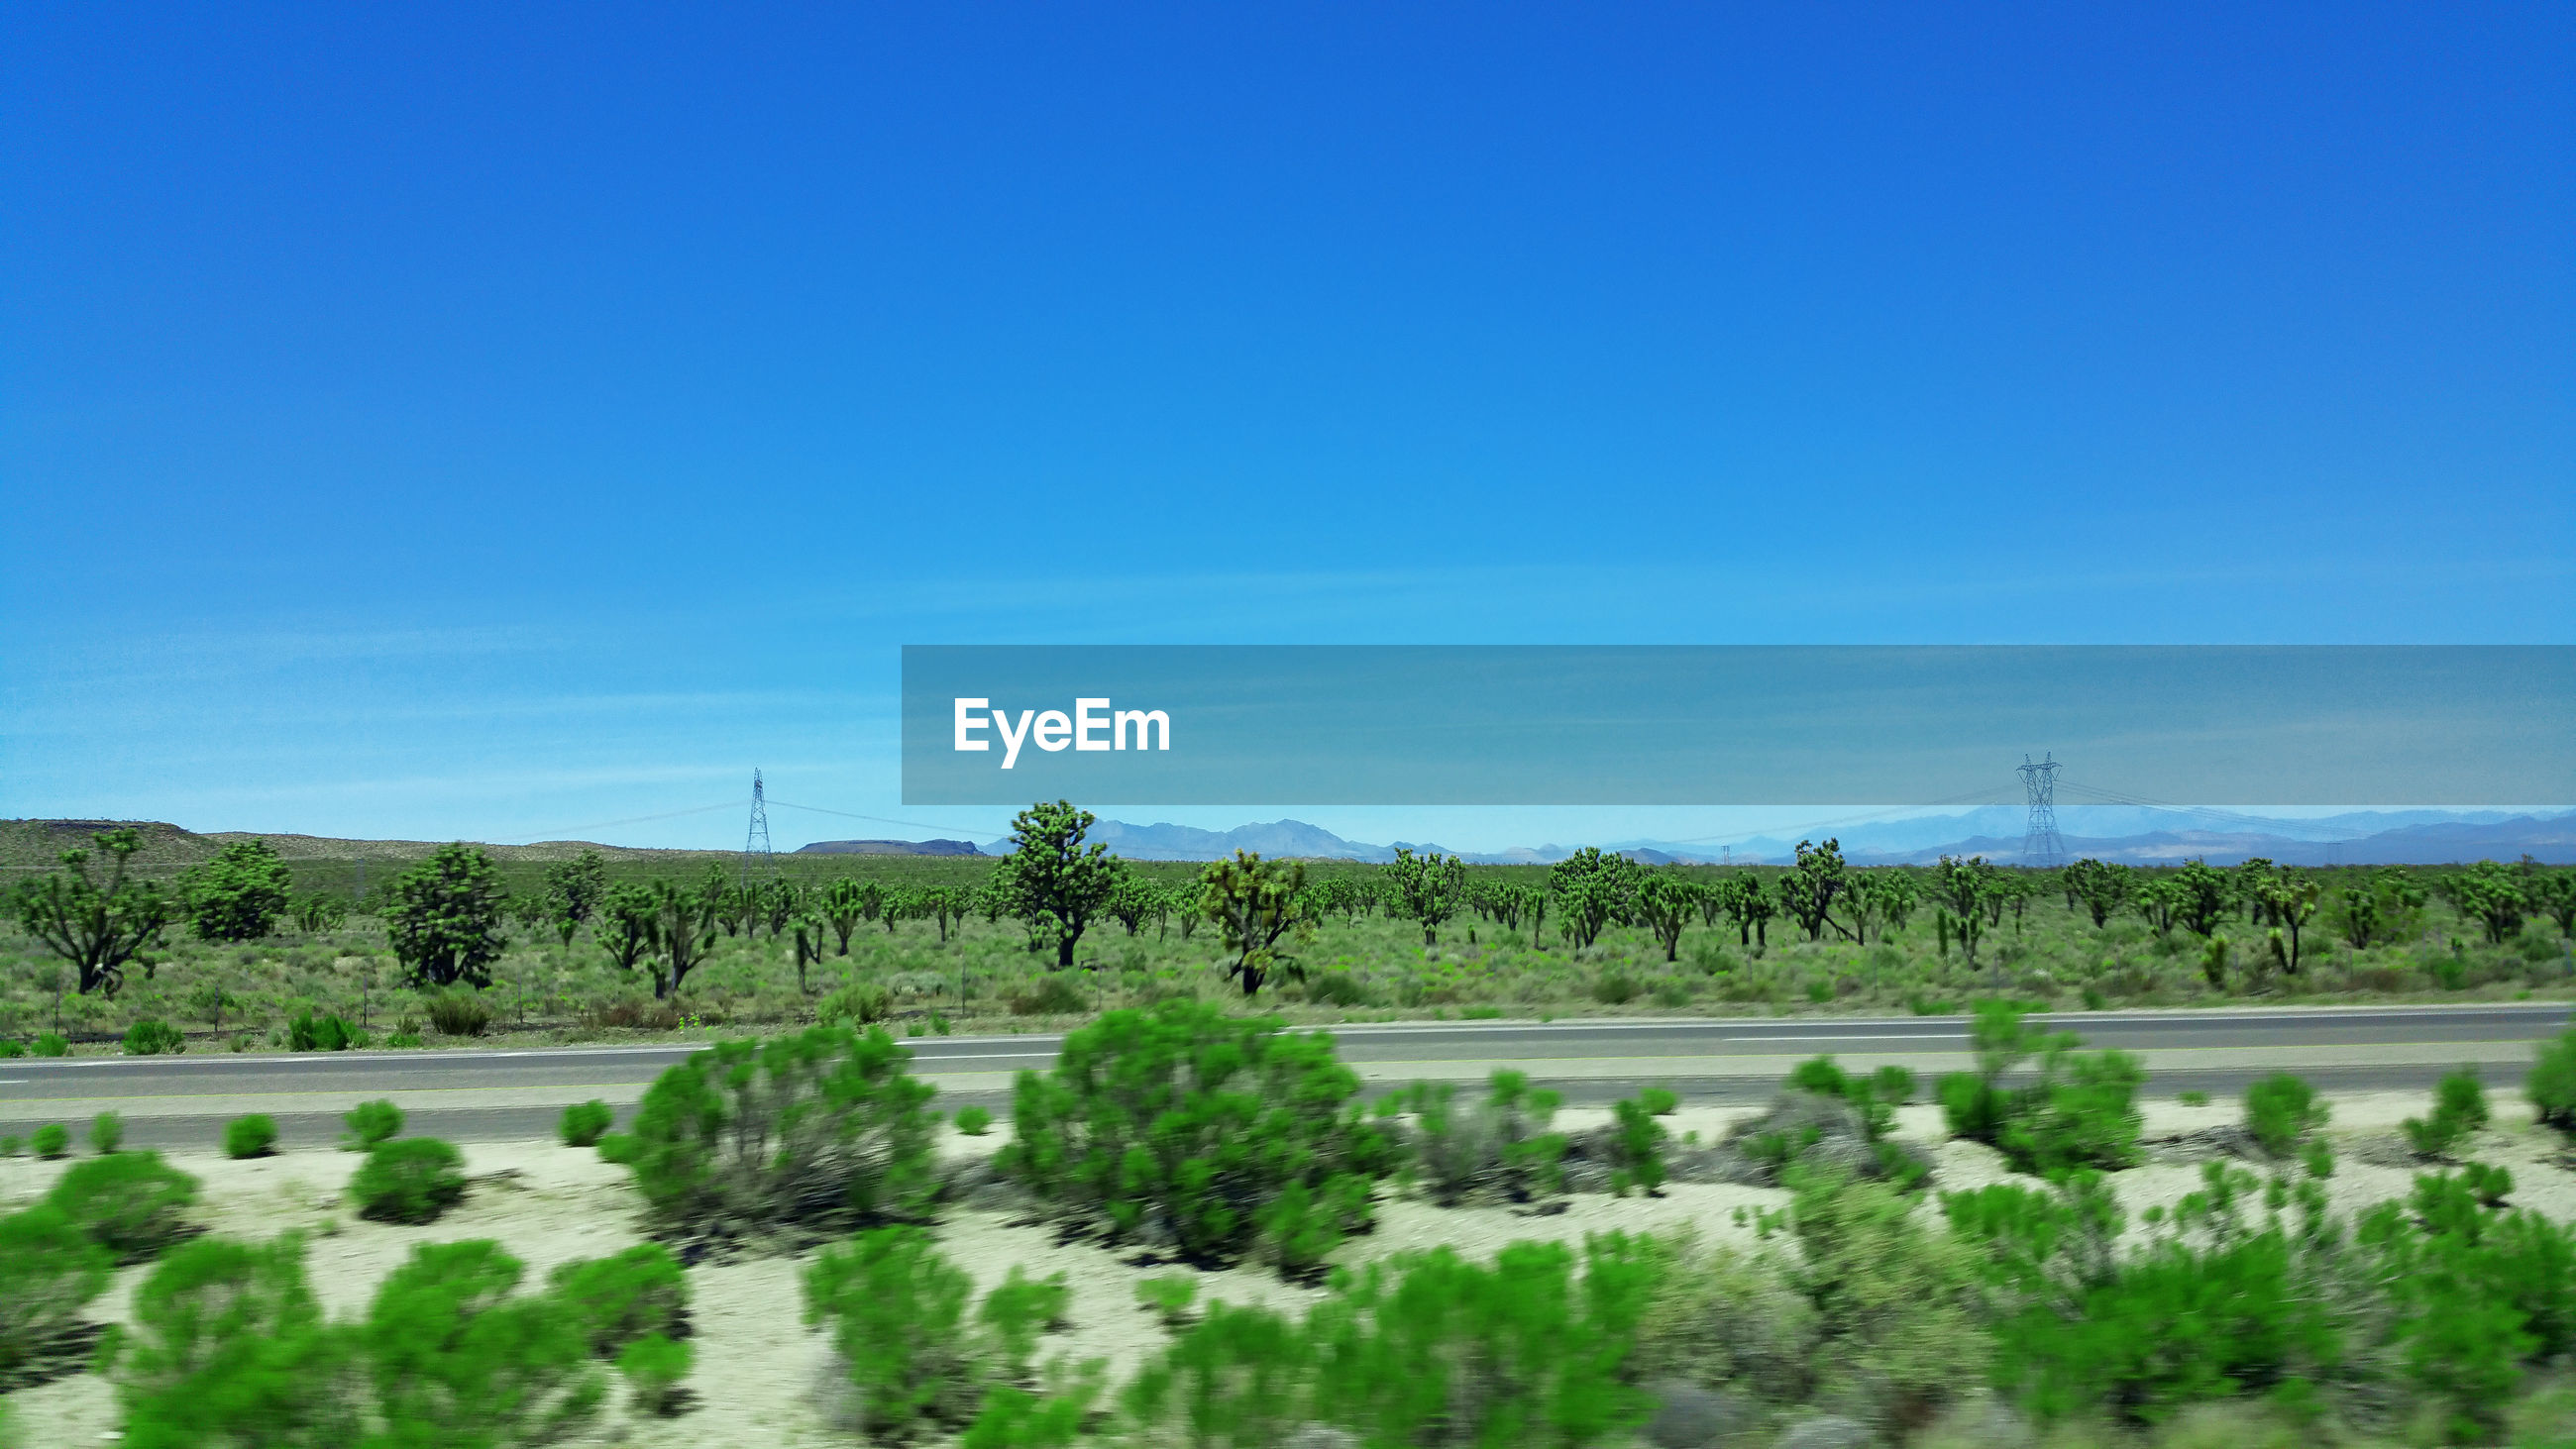 Image from mojave desert